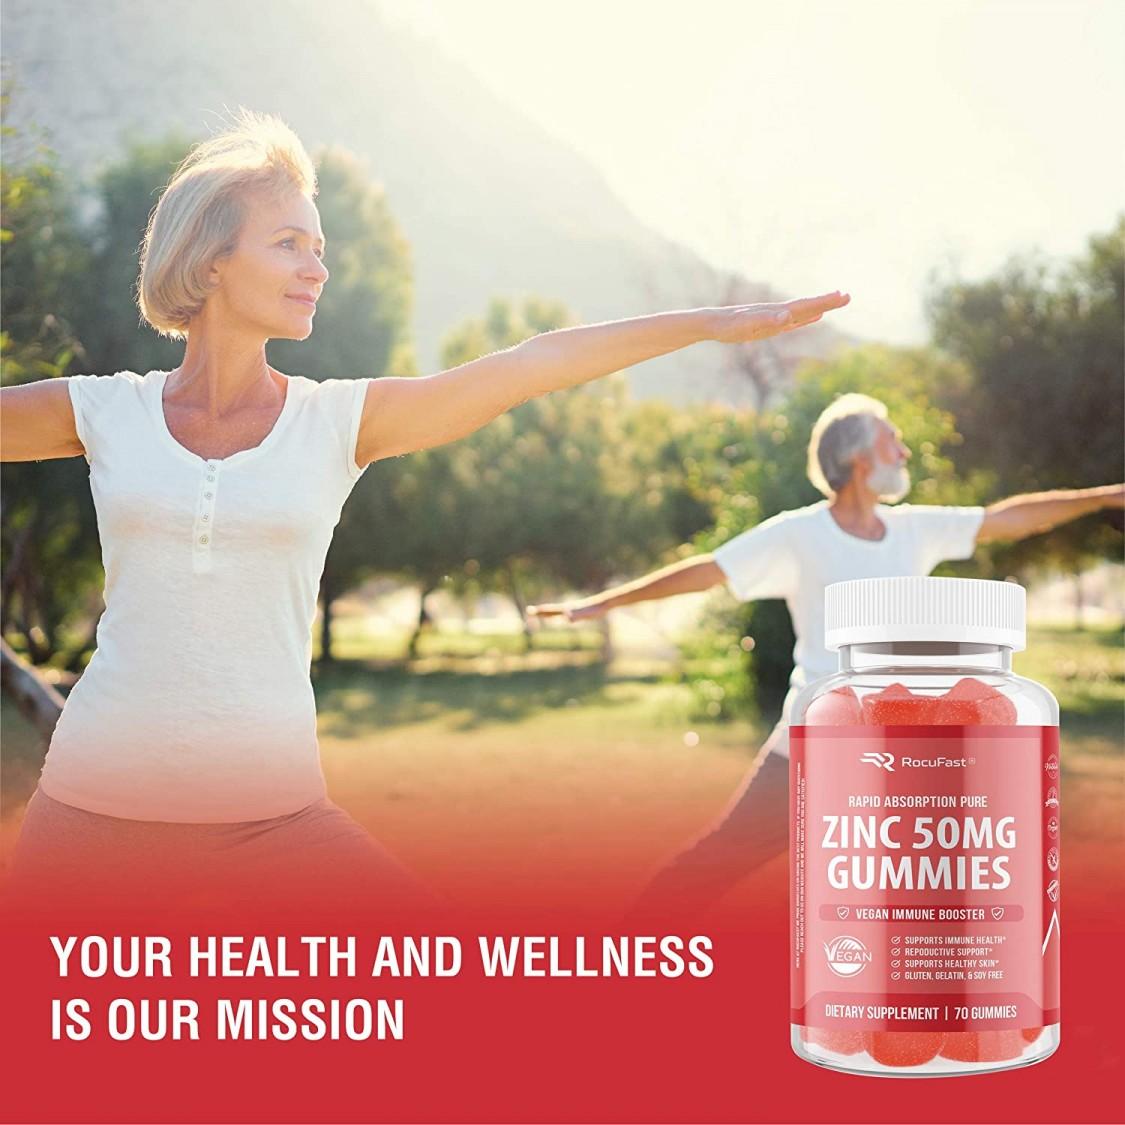 Vitamin Gummy Supplement